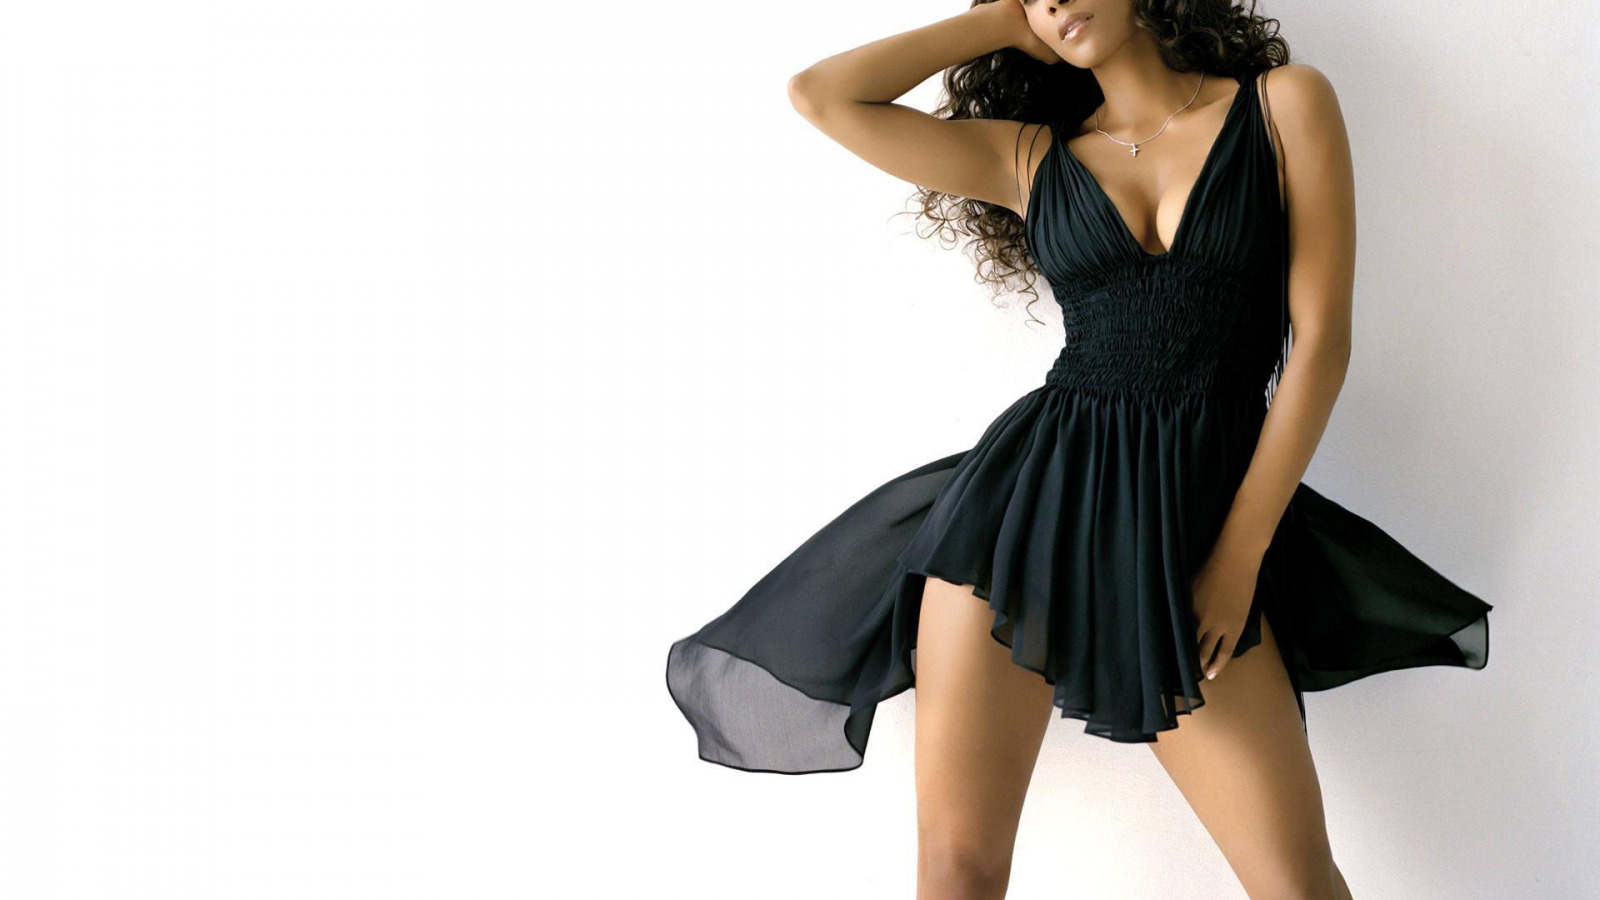 красивая девушка в коротком платье танцует стоит